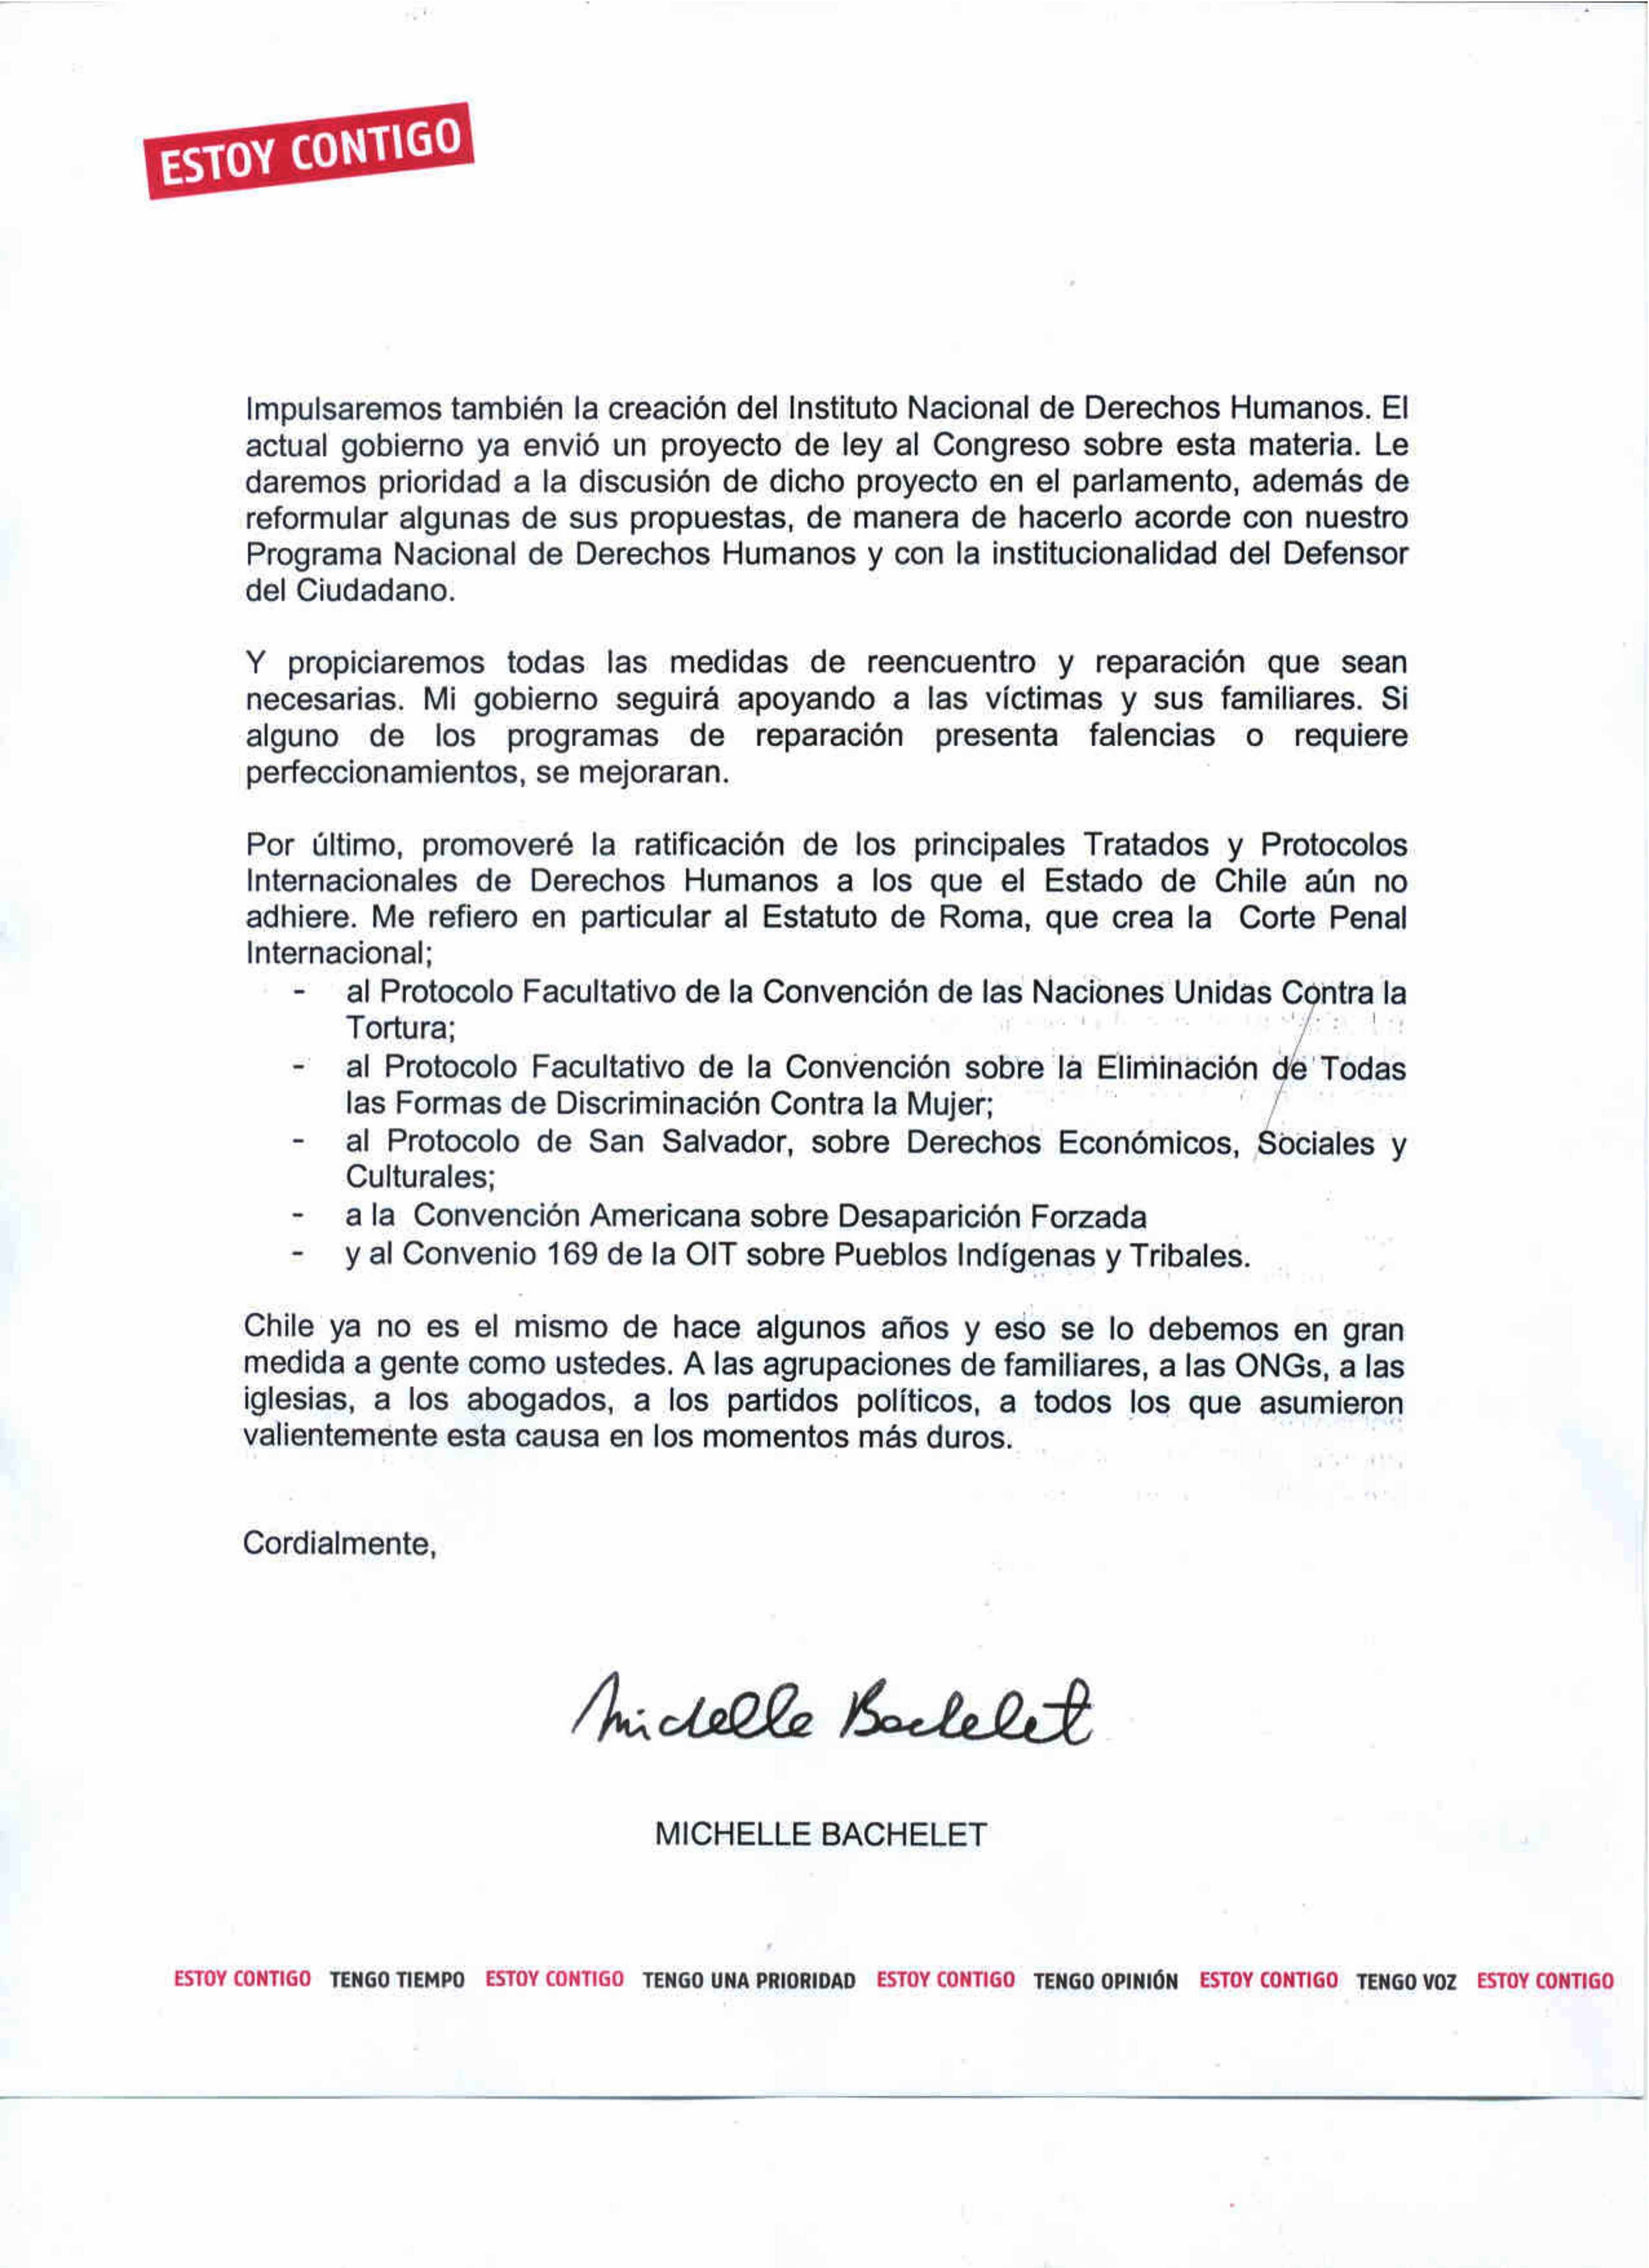 Bachelet1.jpg